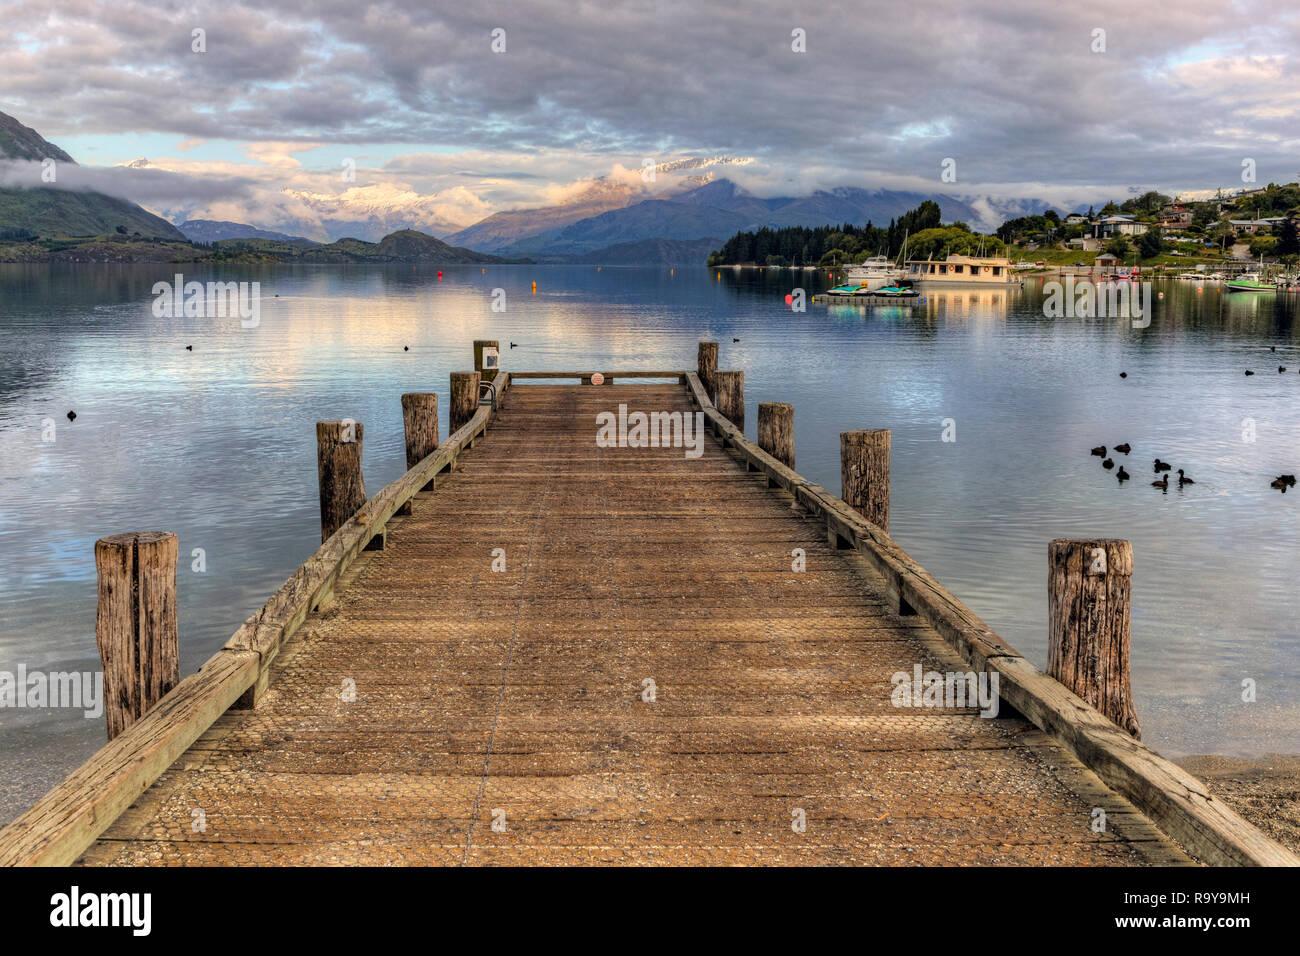 Wanaka, Otago, Queenstown, distrito de Los Lagos, Isla del Sur, Nueva Zelanda Foto de stock